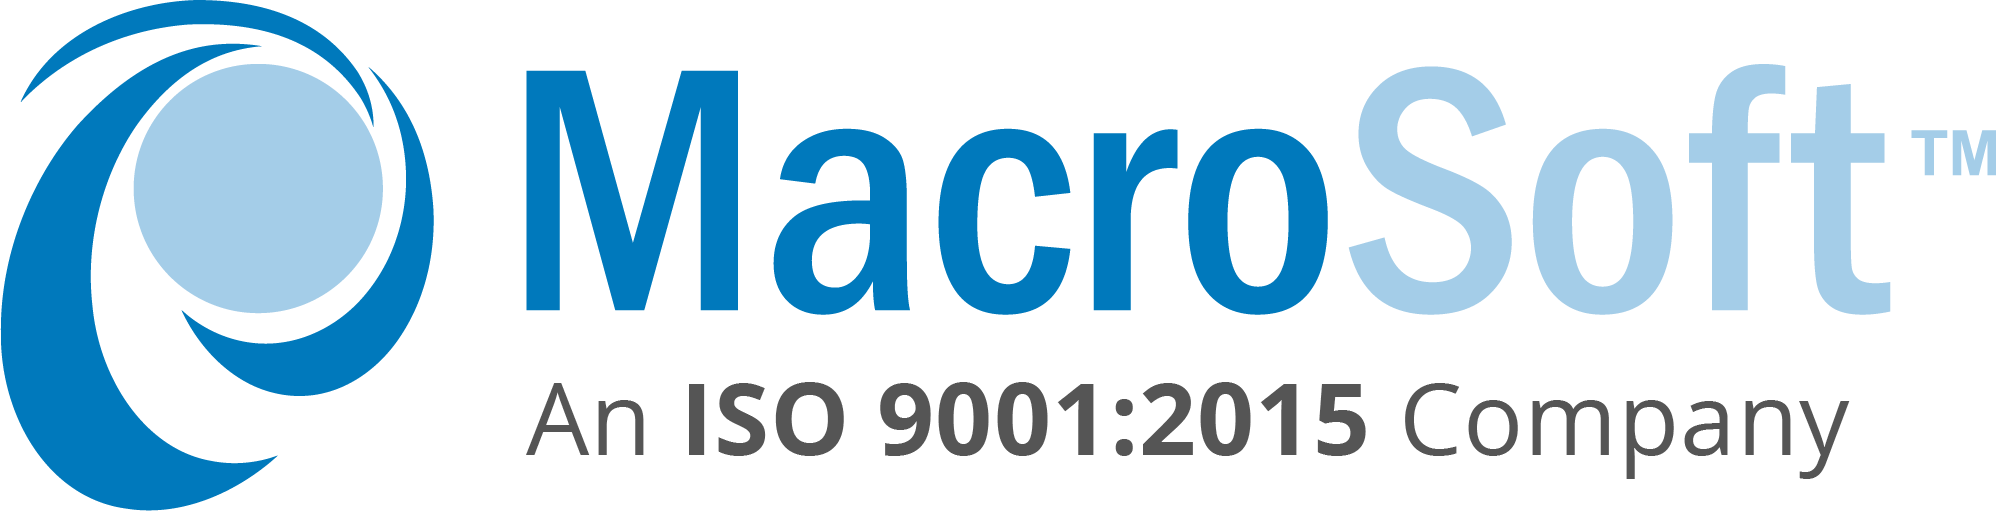 Macrosoft Inc.